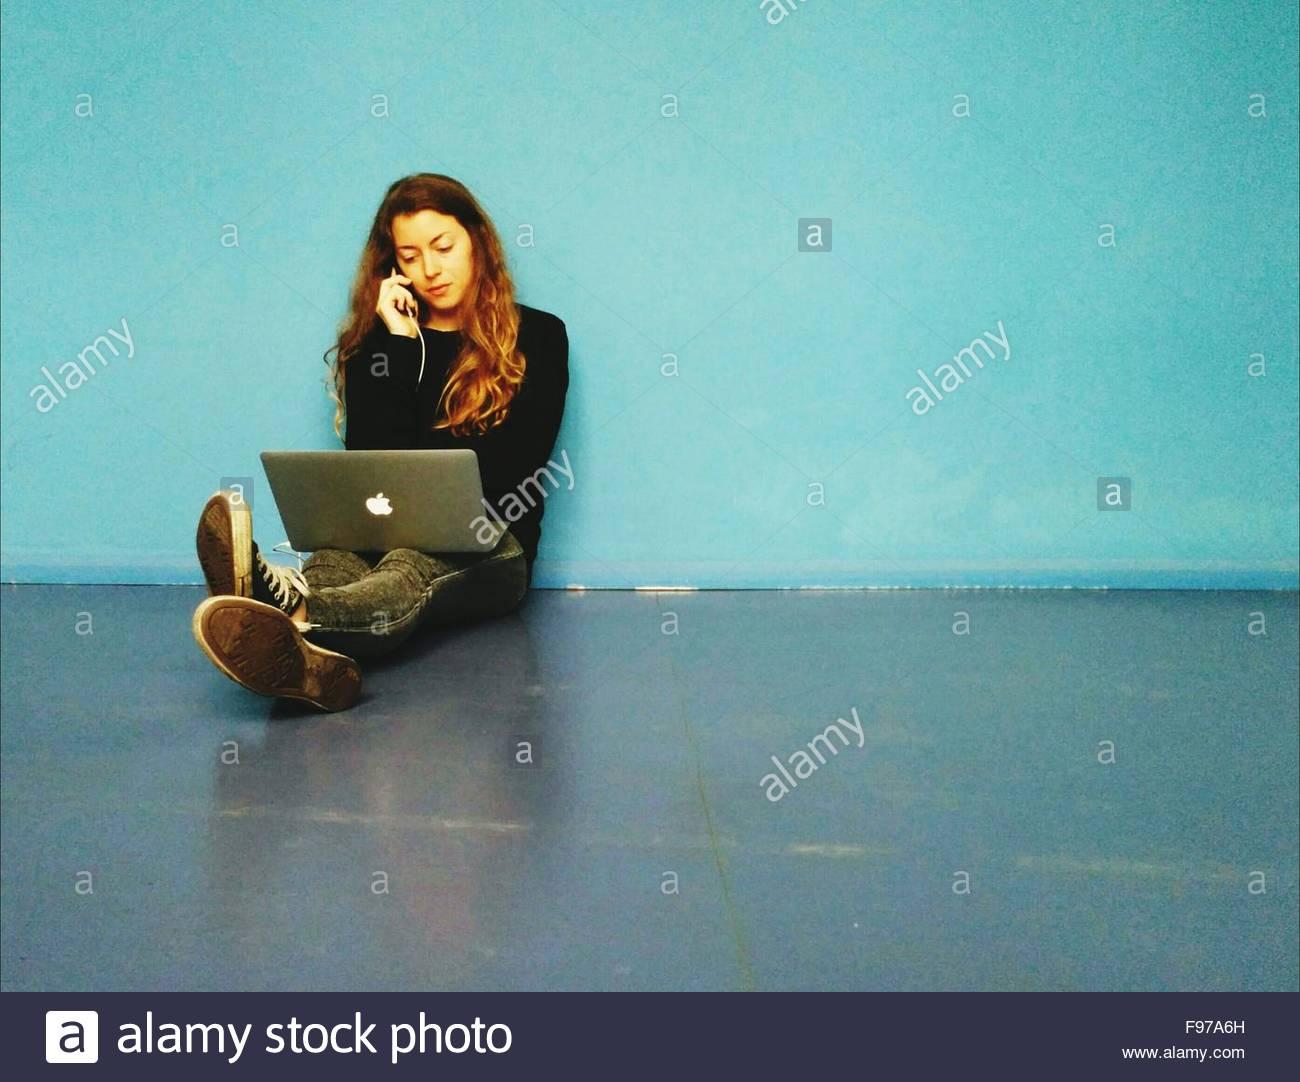 Junge Frau am Telefon beim Sitzen im Stock mit Laptop Stockbild